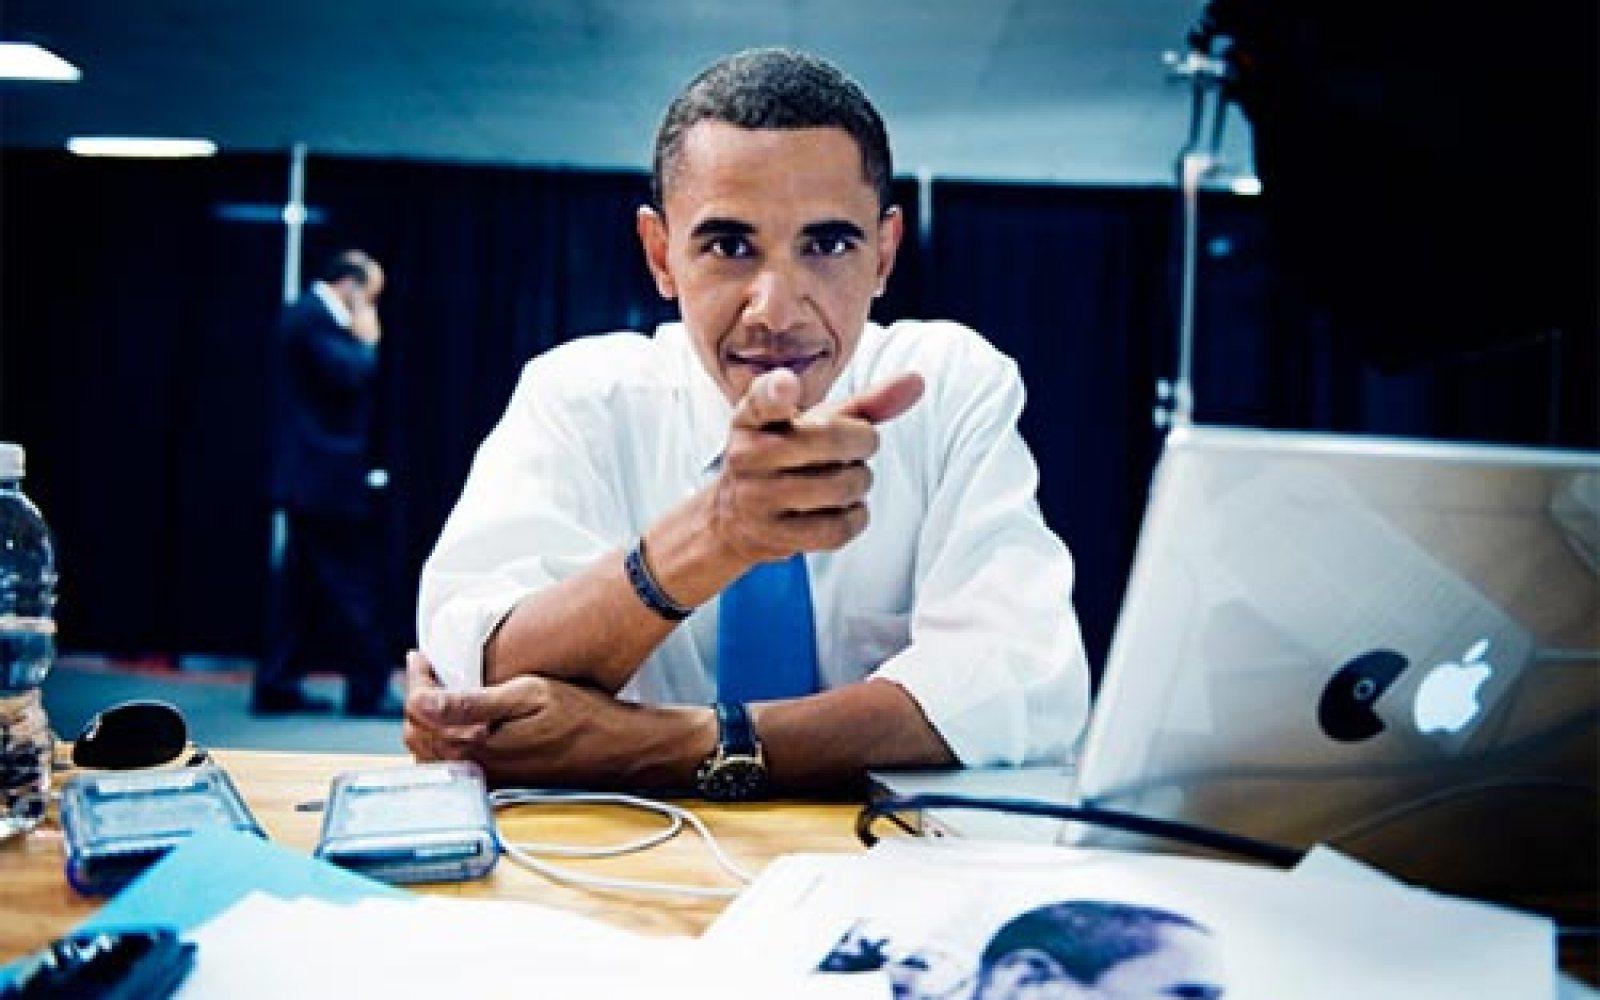 President Obama will meet w/ Tim Cook & tech execs tomorrow to discuss Healthcare.gov & NSA surveillance